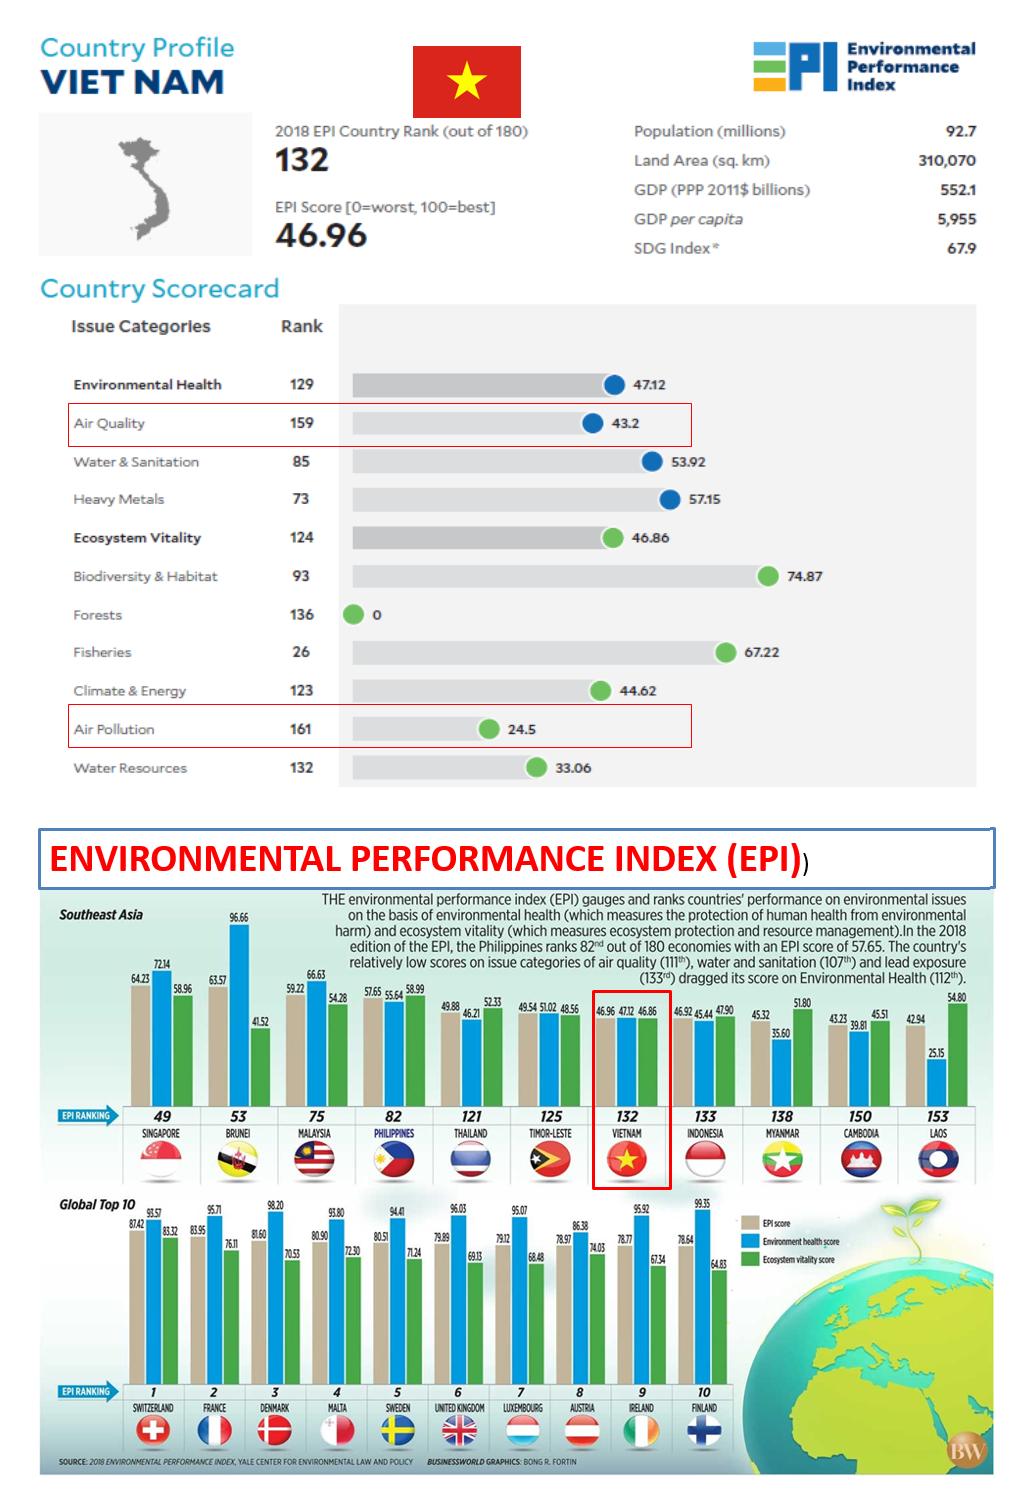 Chỉ số Năng lực quản lý Môi trường (EPI) của Việt Nam năm 2018 và tương quan với một số quốc gia